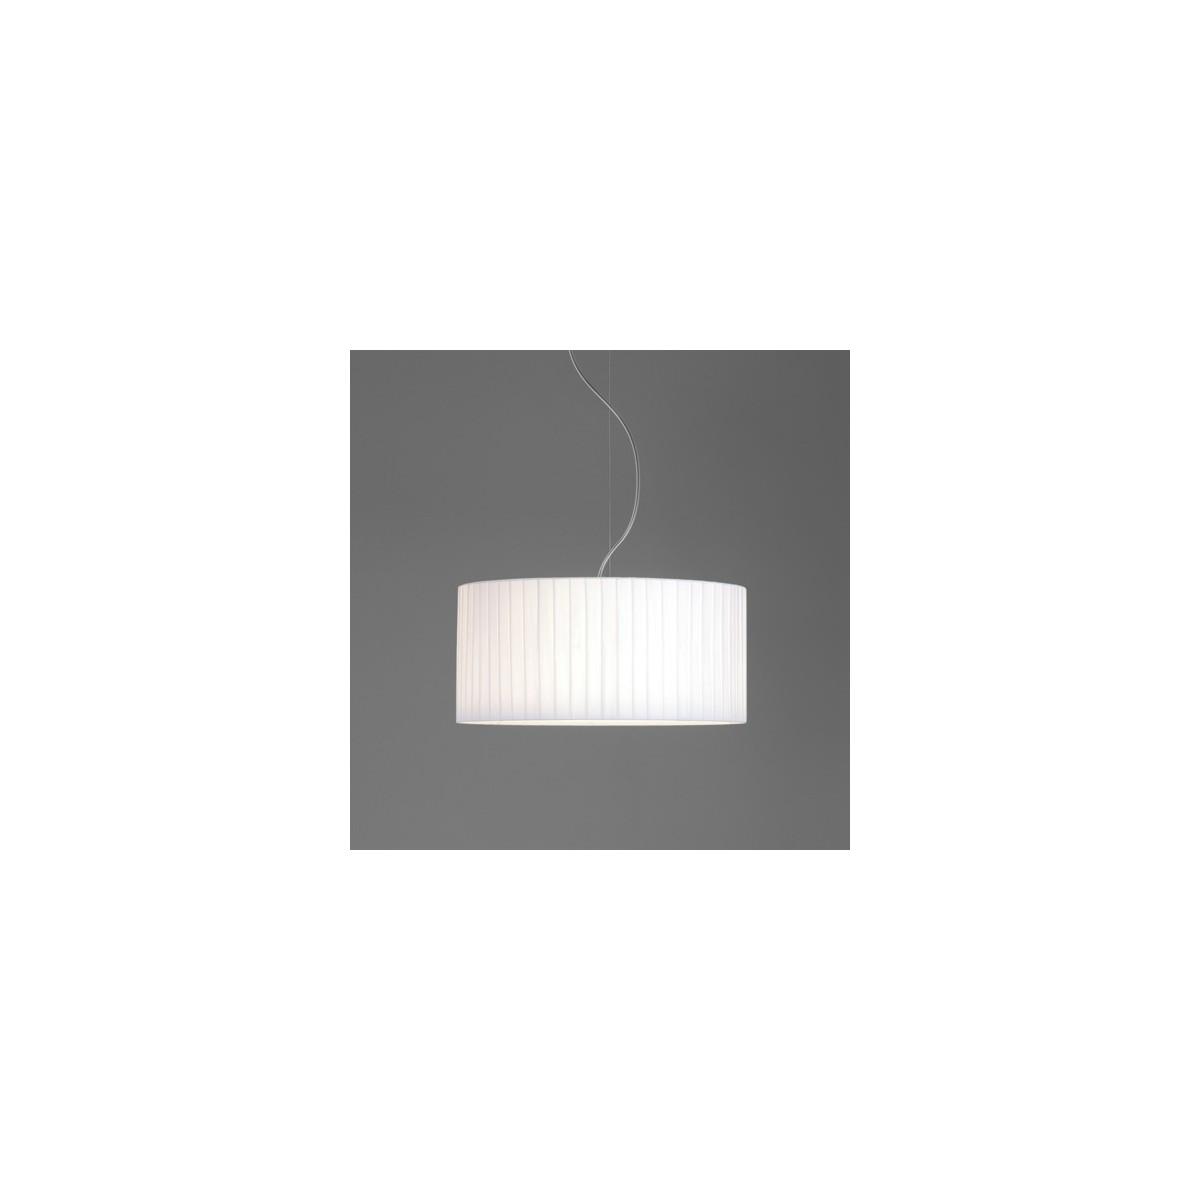 Astro Drum 500 Pleated Abażur Biały 5016016